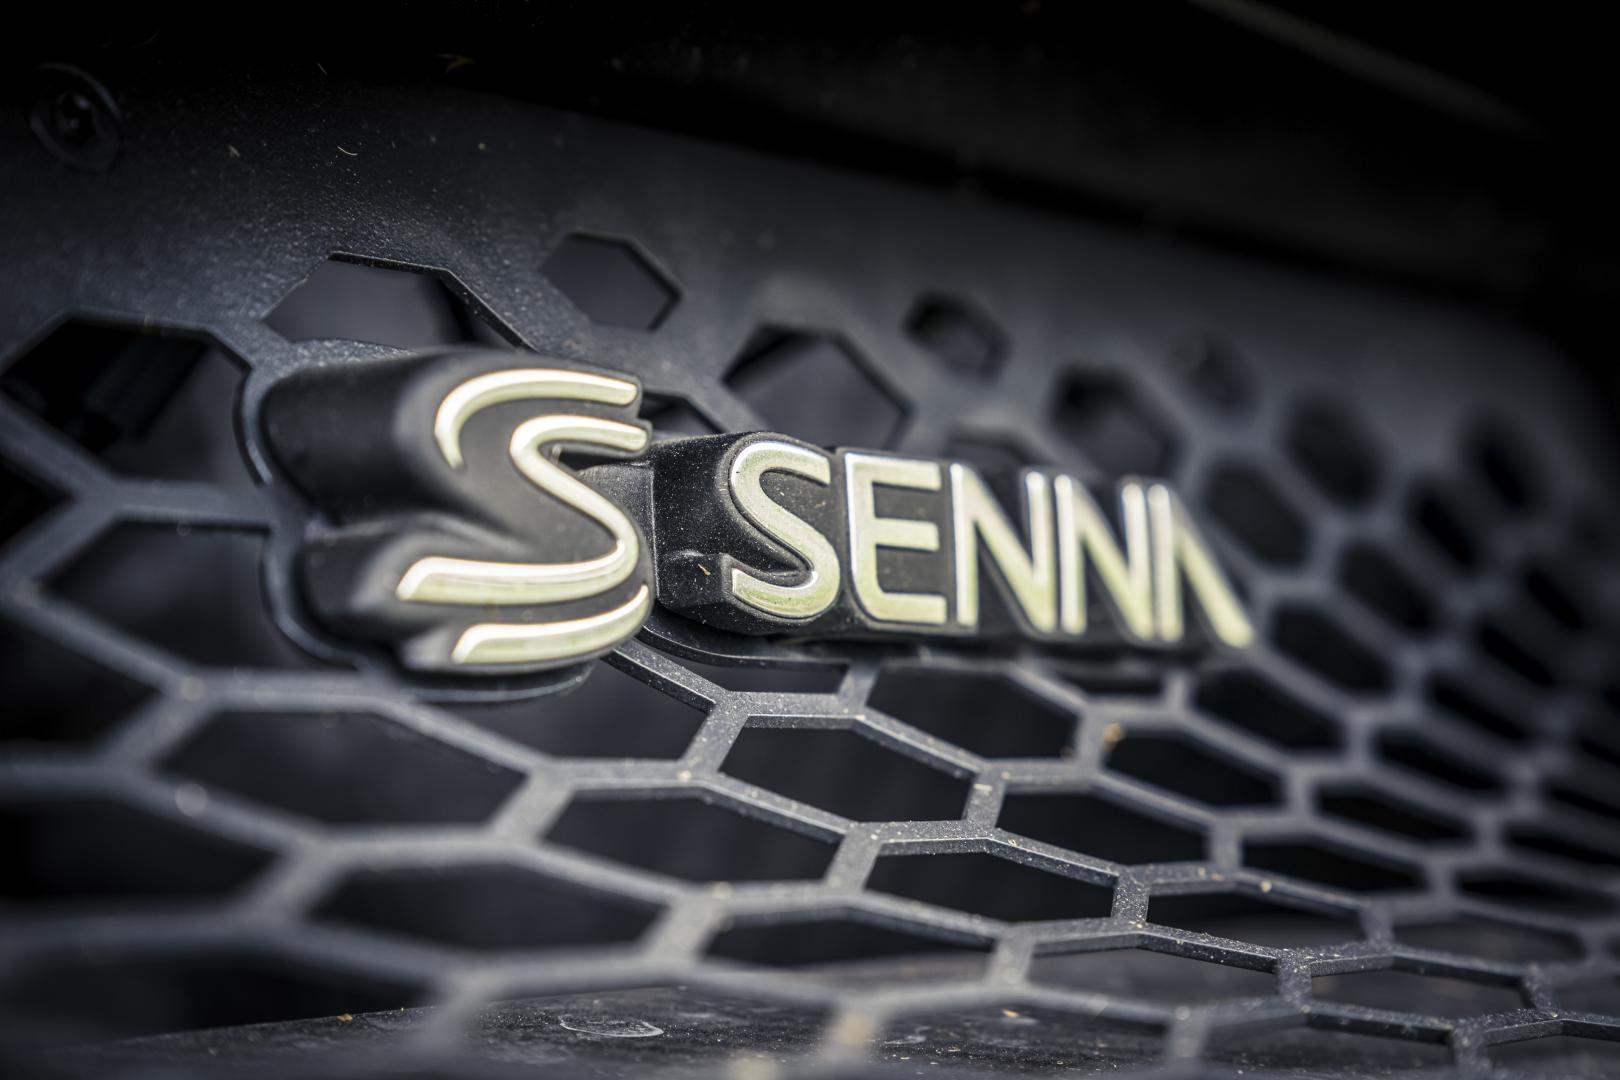 mclarne senna logo